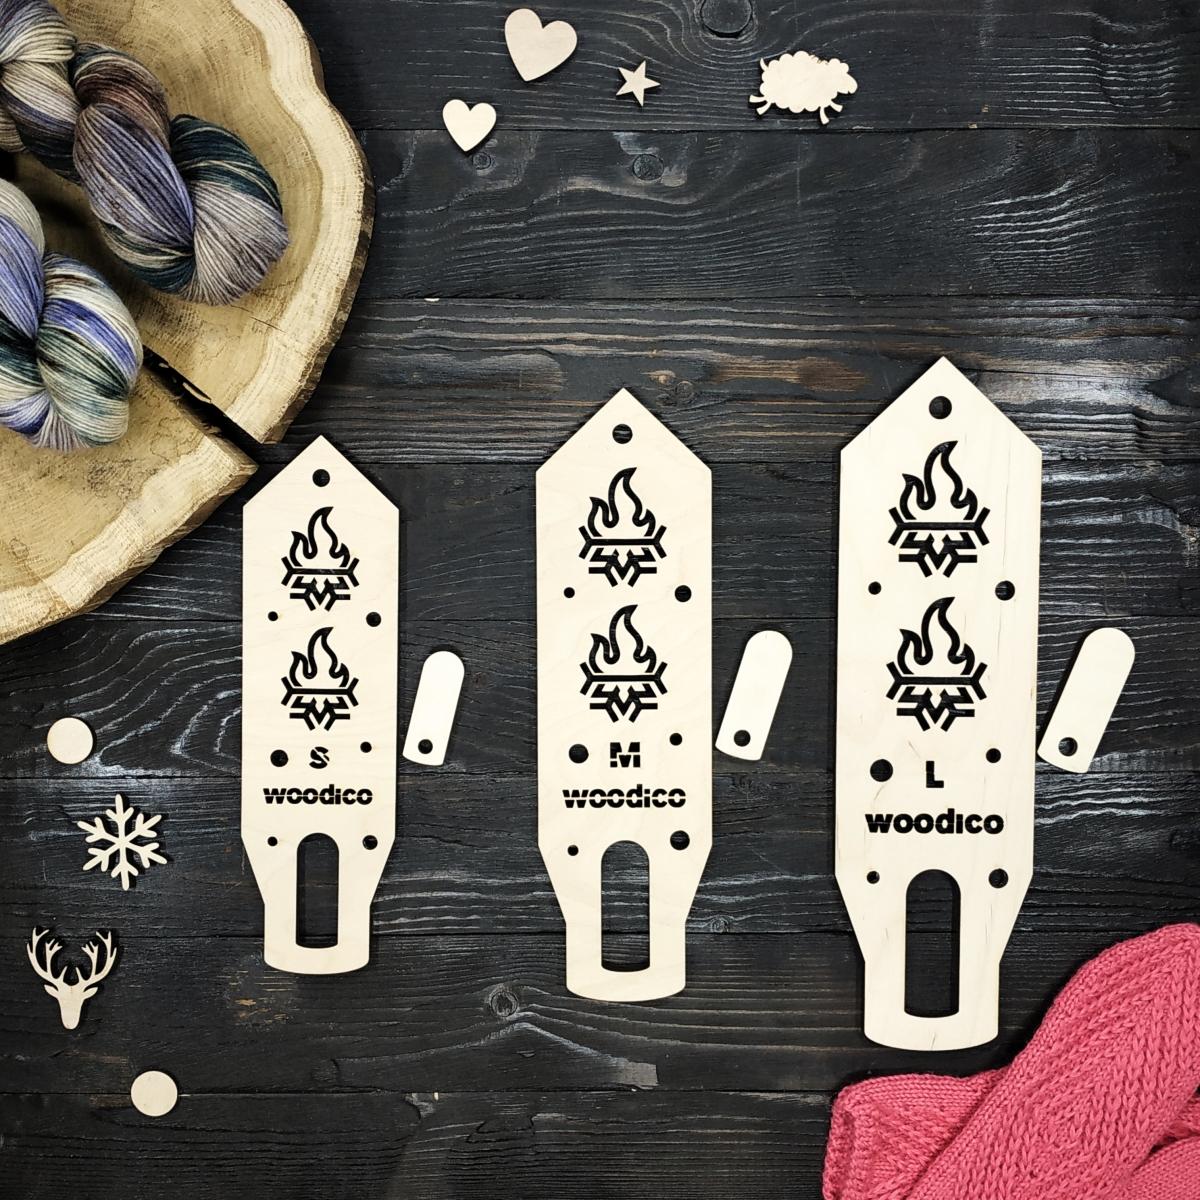 woodico.pro wooden mitten blockers nordic hot cold 2 1200x1200 - Wooden mitten blockers / Nordic Hot&Cold